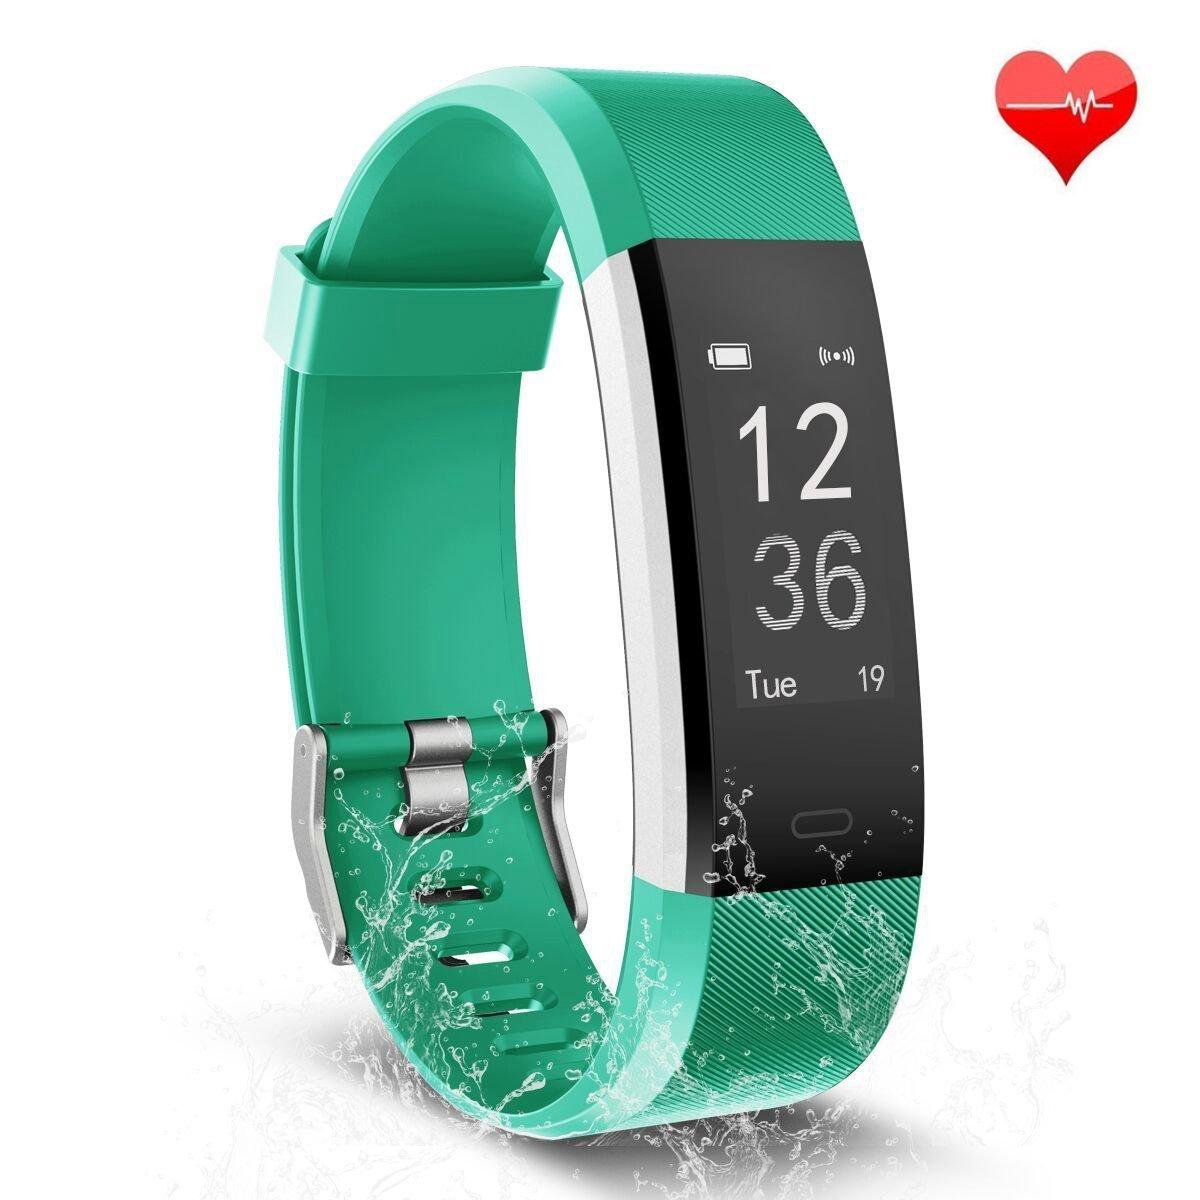 TwobeFit Fitness Watch